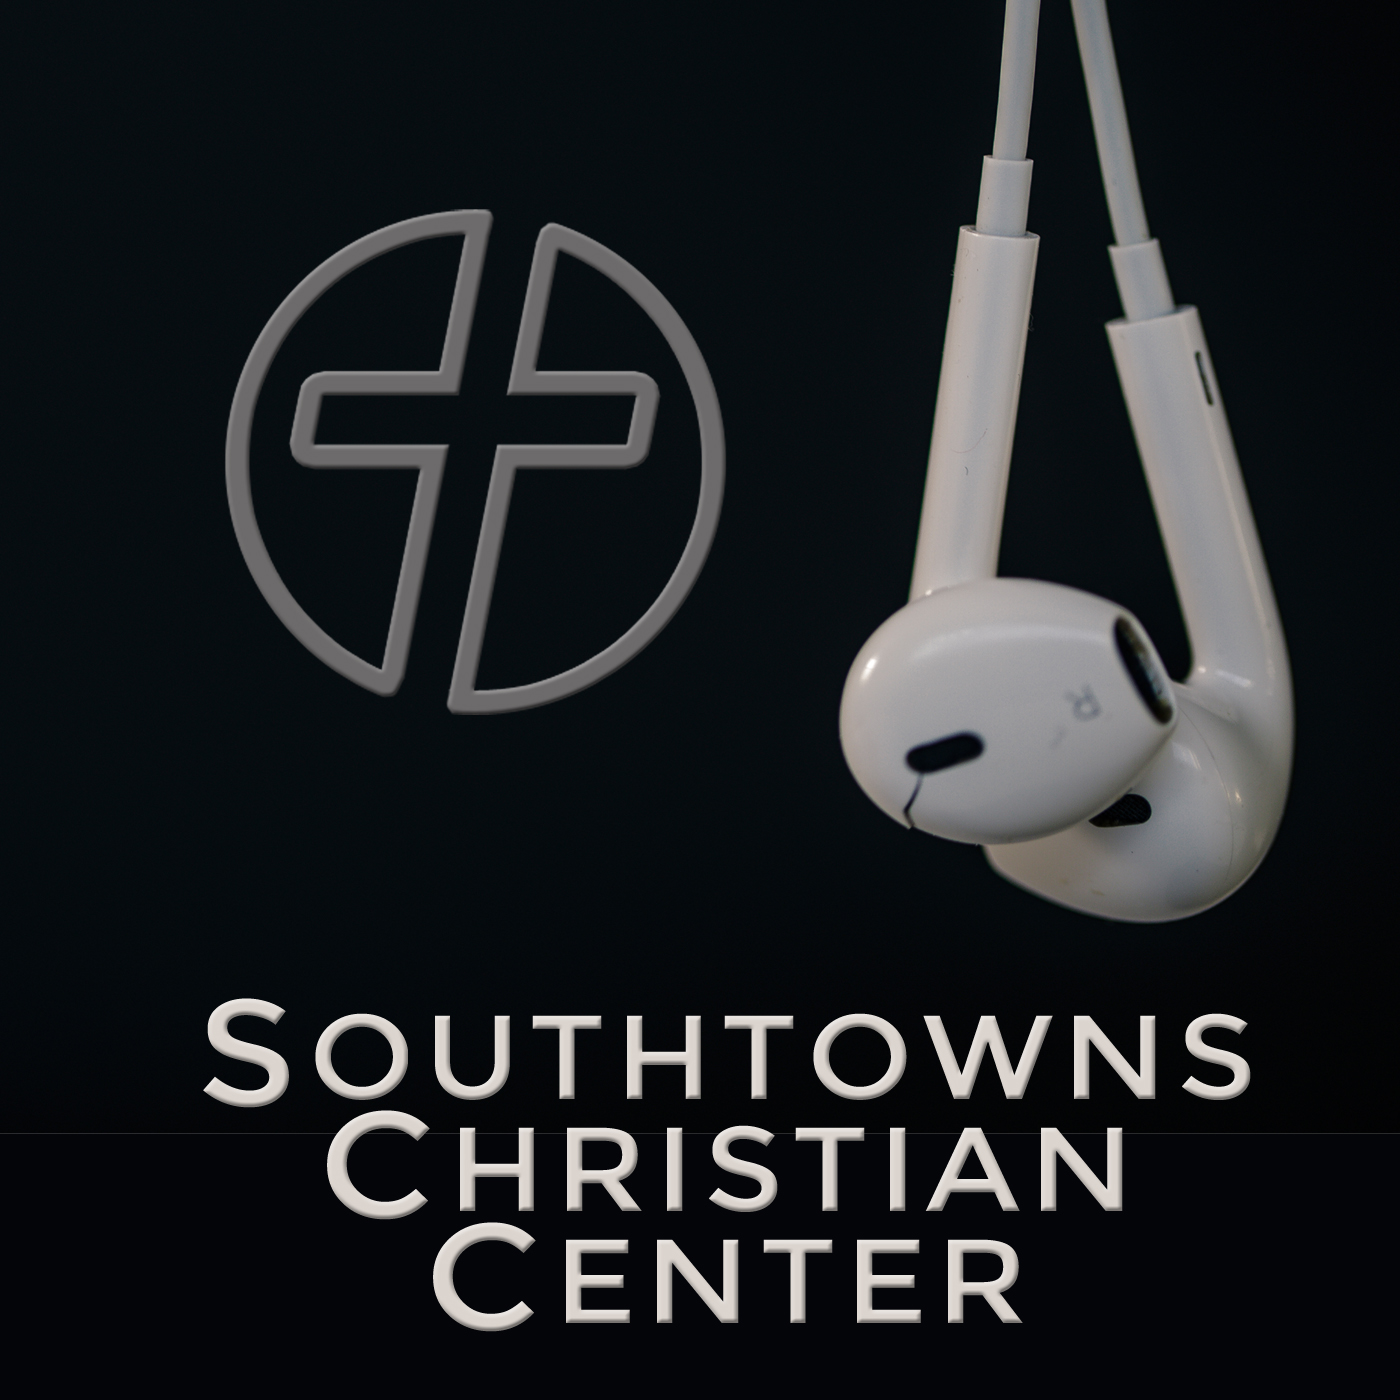 Southtowns Christian Center